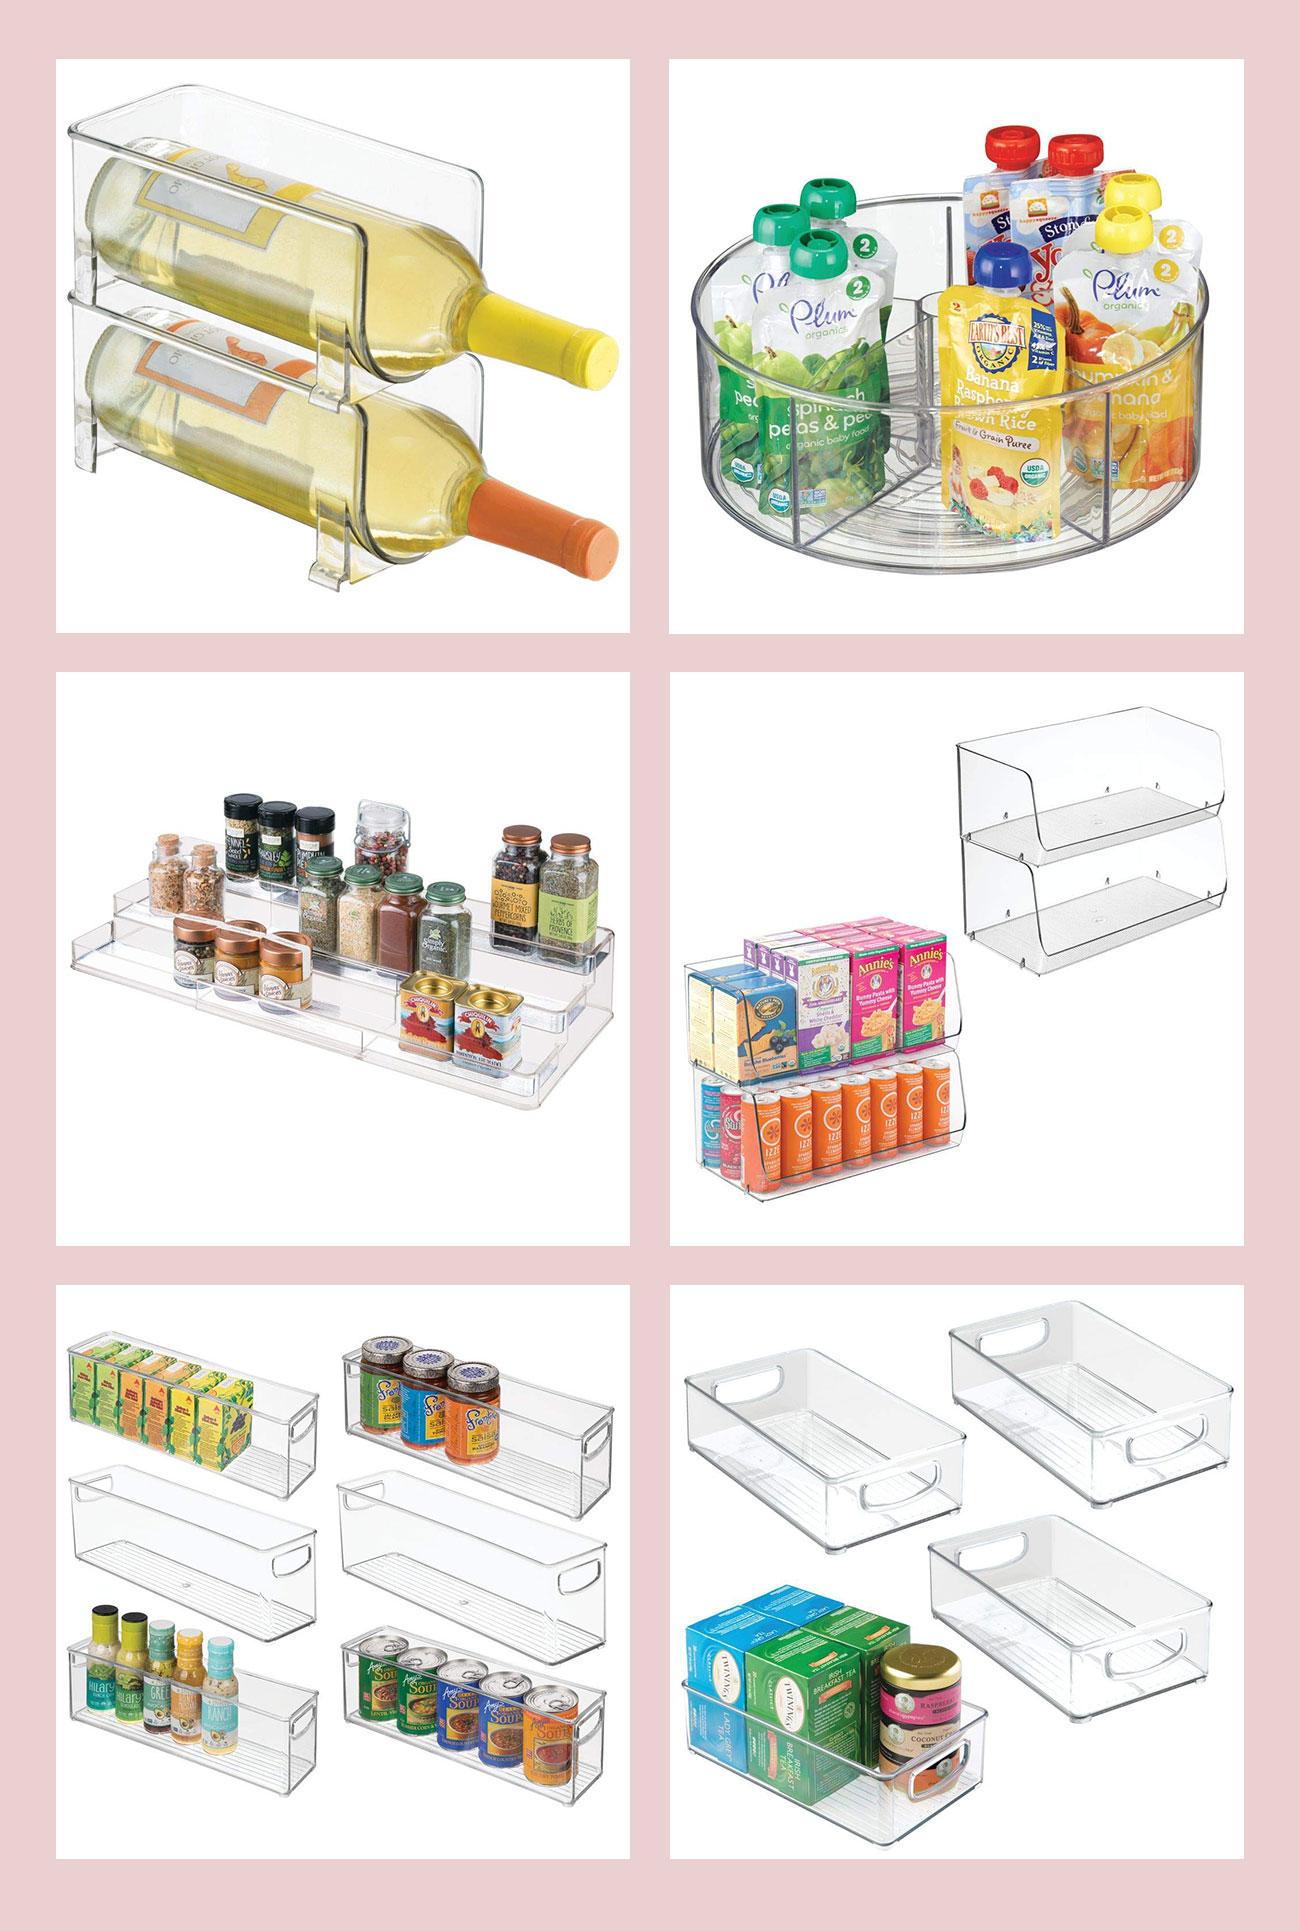 acrylic pantry organizers